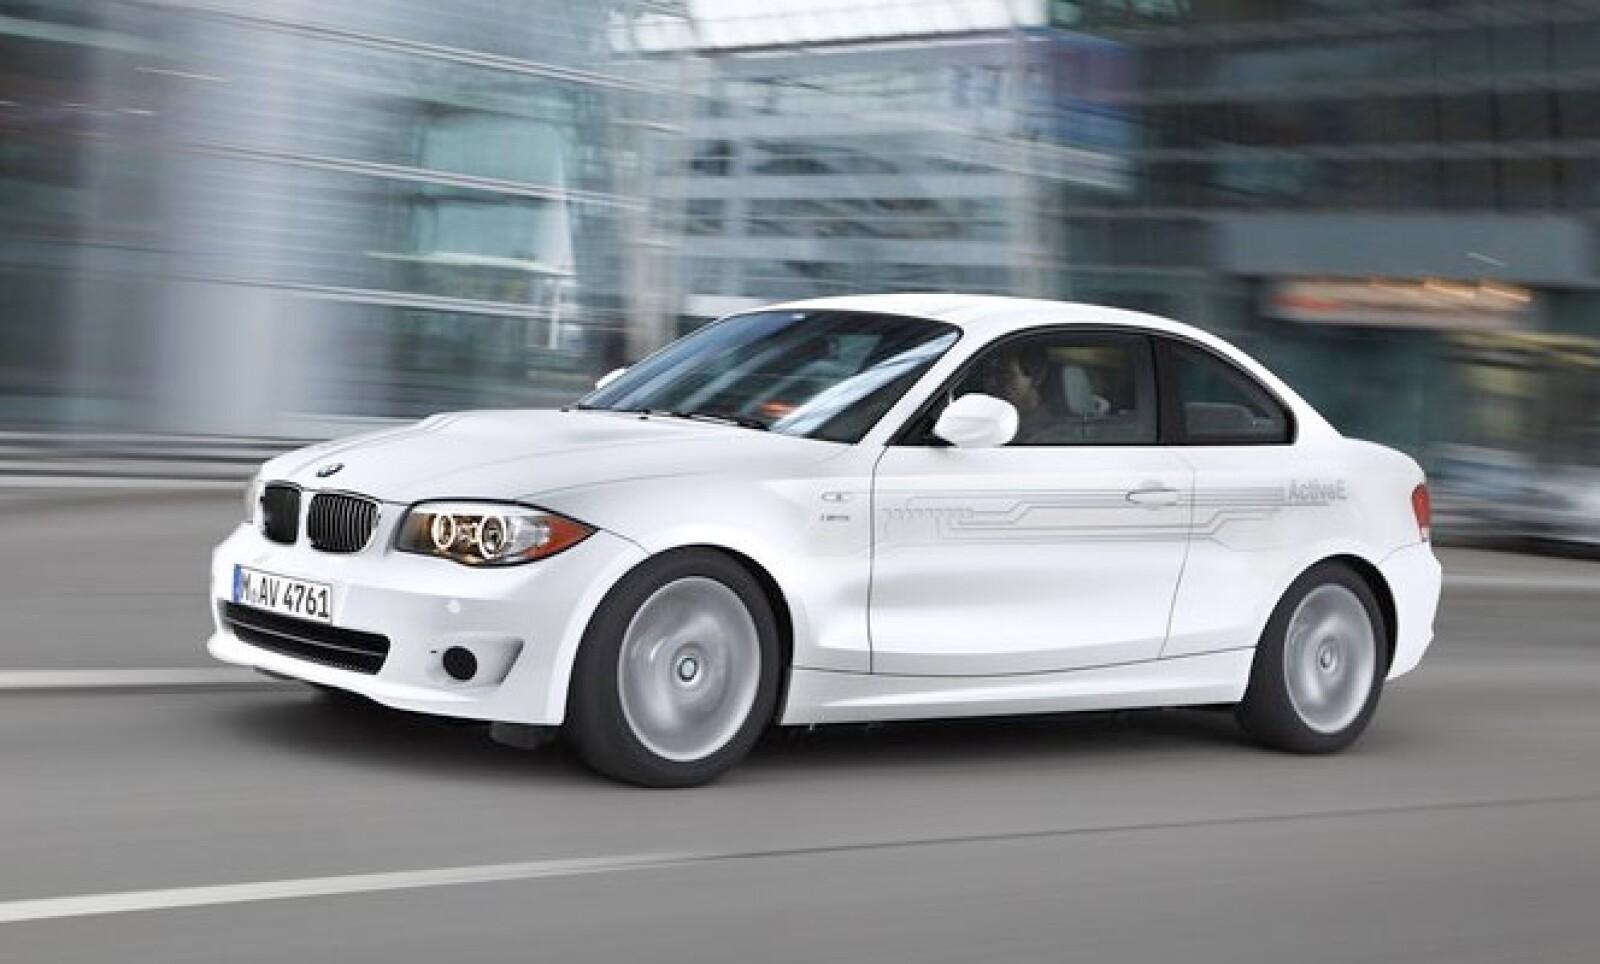 La apuesta 'verde' de BMW 'arranca' con este modelo, que iniciará su recorrido por las calles de Estados Unidos en el año 2013, con cerca de 1,000 unidades.